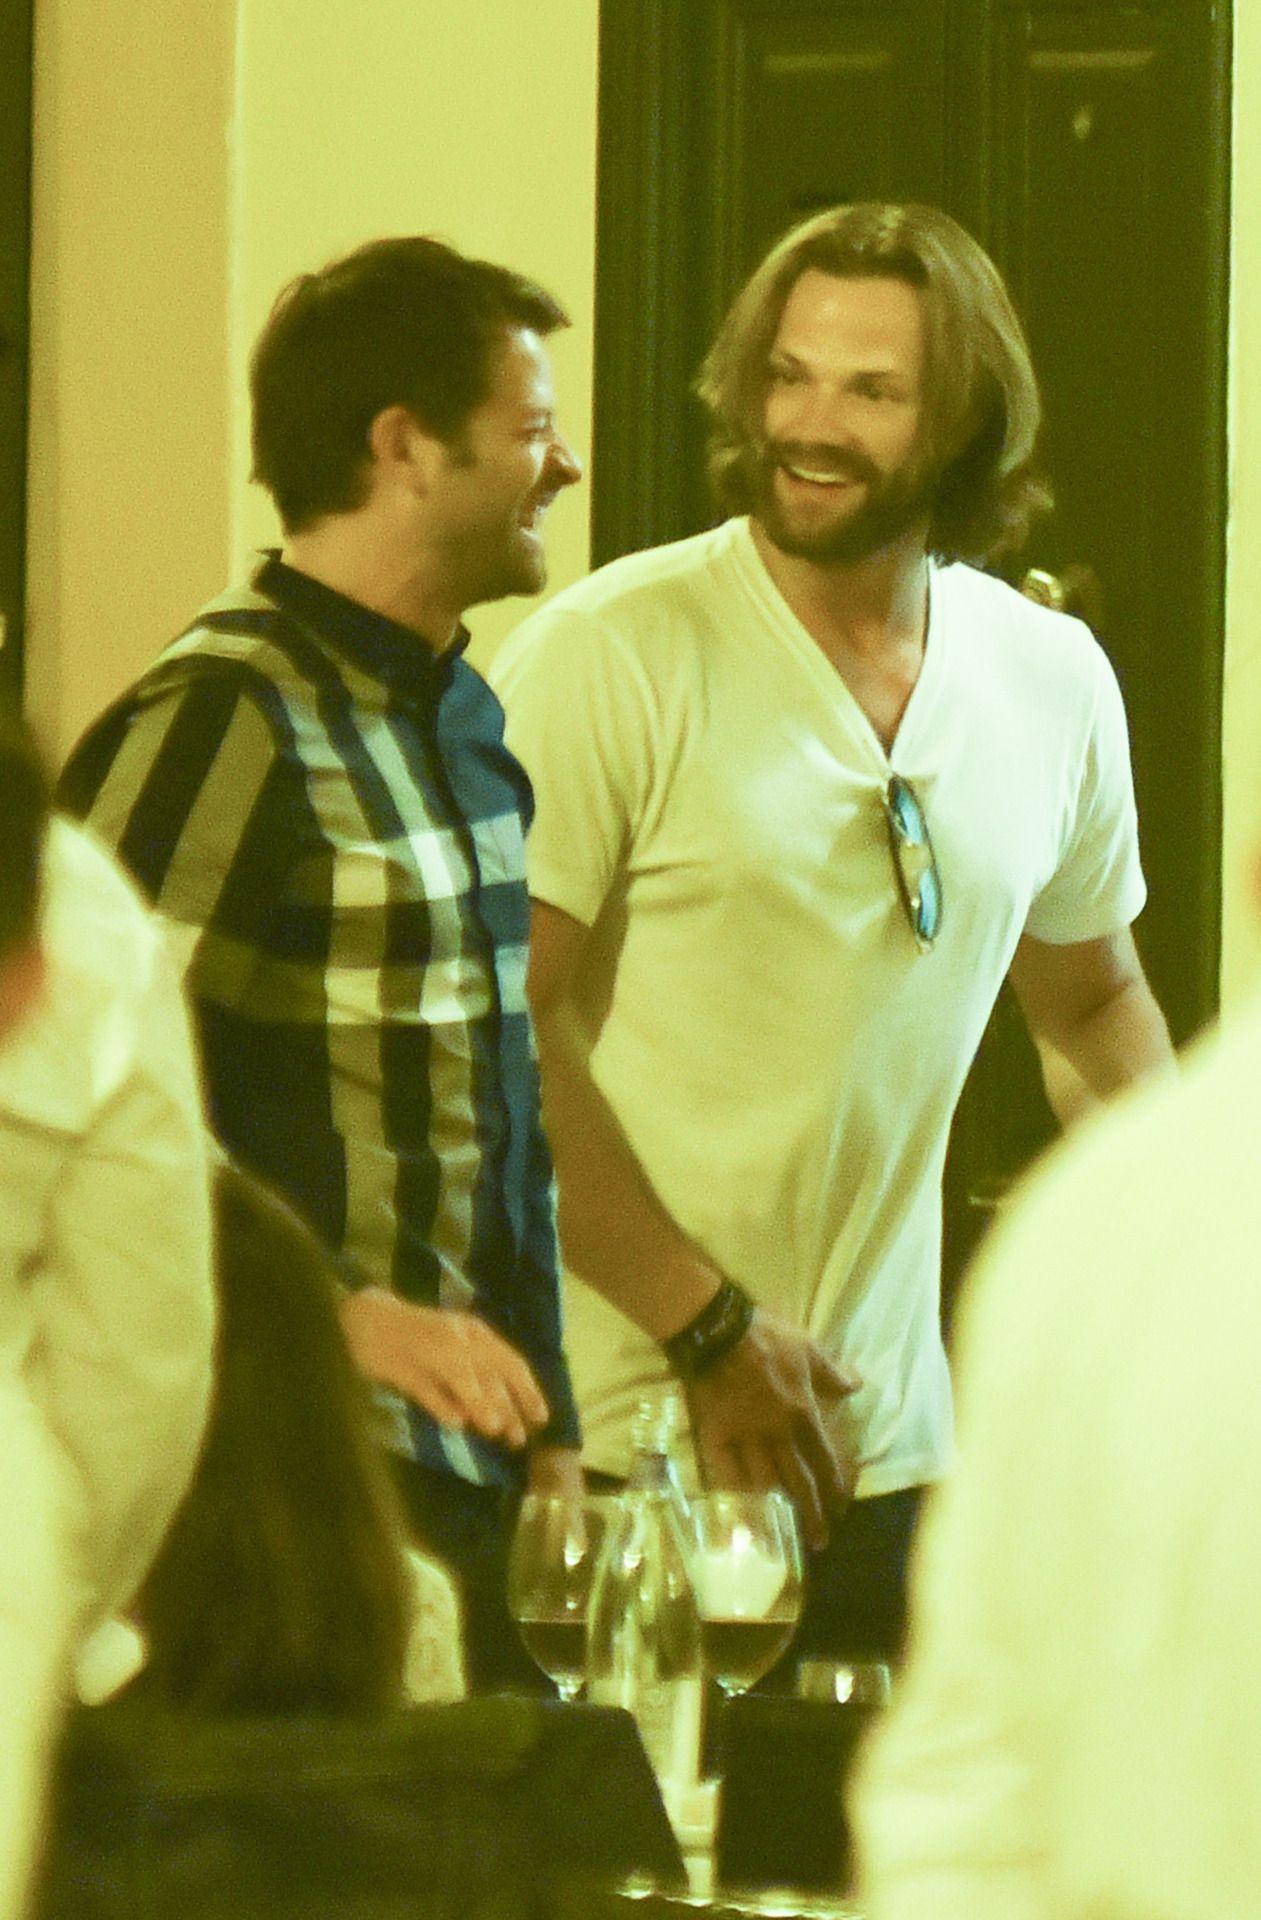 Jared & Misha